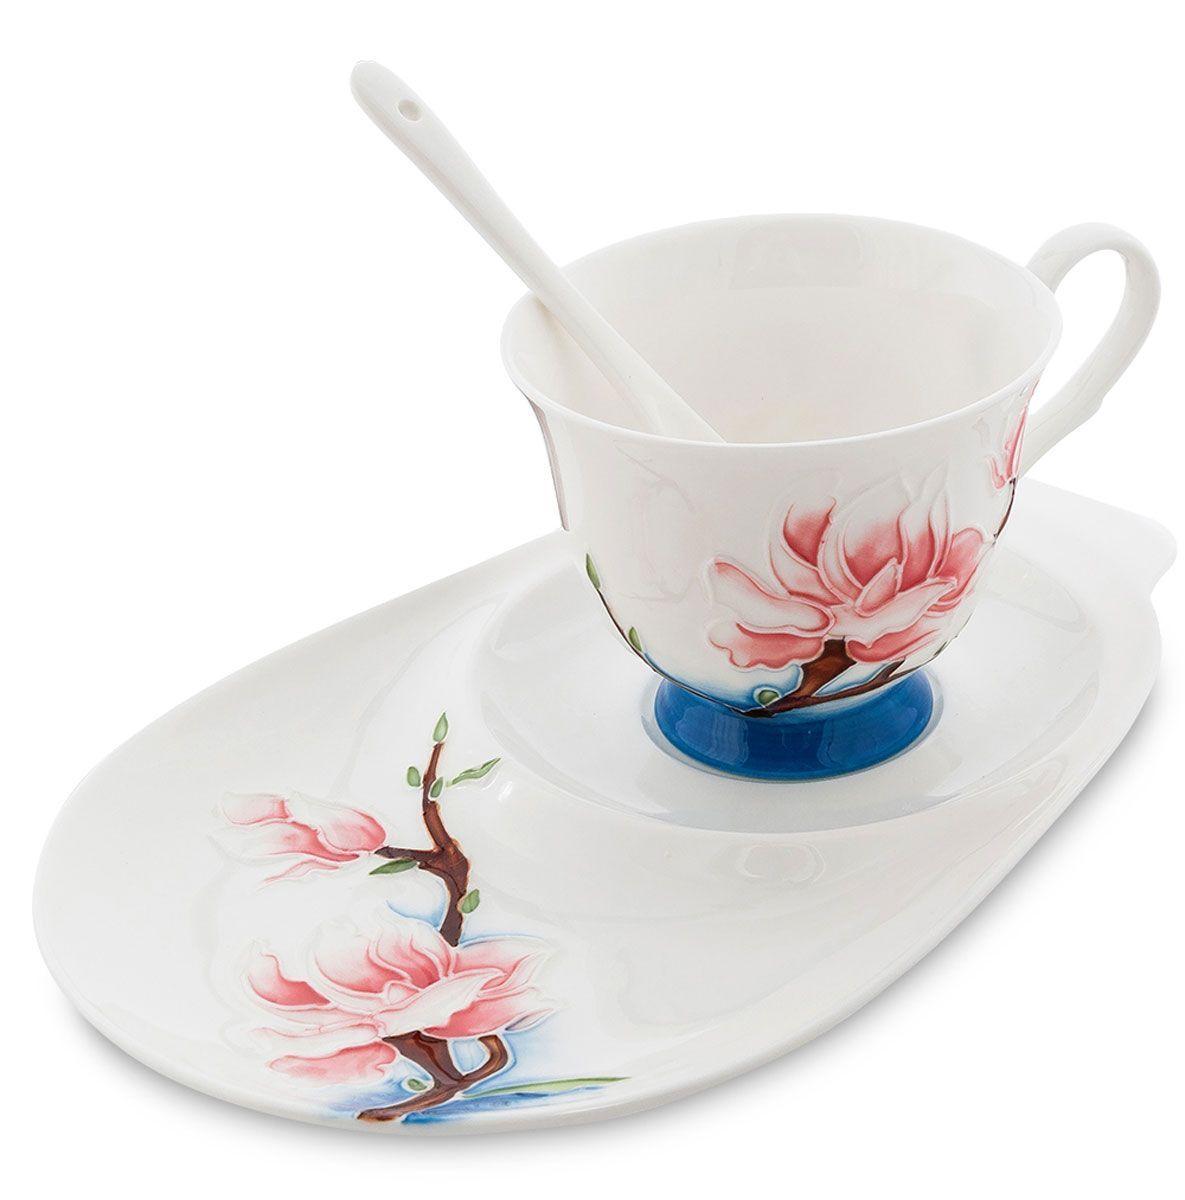 Набор чайный Pavone Цветущая сакура, 3 предмета54 009312Чайный набор Pavone Иволга и орхидея изготовлен из высококачественного фарфора. Набор состоит из чашки, блюдца и чайной ложки. Изделия имеют необычный дизайн, который придется по вкусу ценителям классики и тем кто предпочитает современный стиль. Изящный набор эффектно украсит стол к чаепитию и порадует вас функциональностью и ярким дизайном.Объем кружки: 250 мл.Длина блюдца: 23 см.